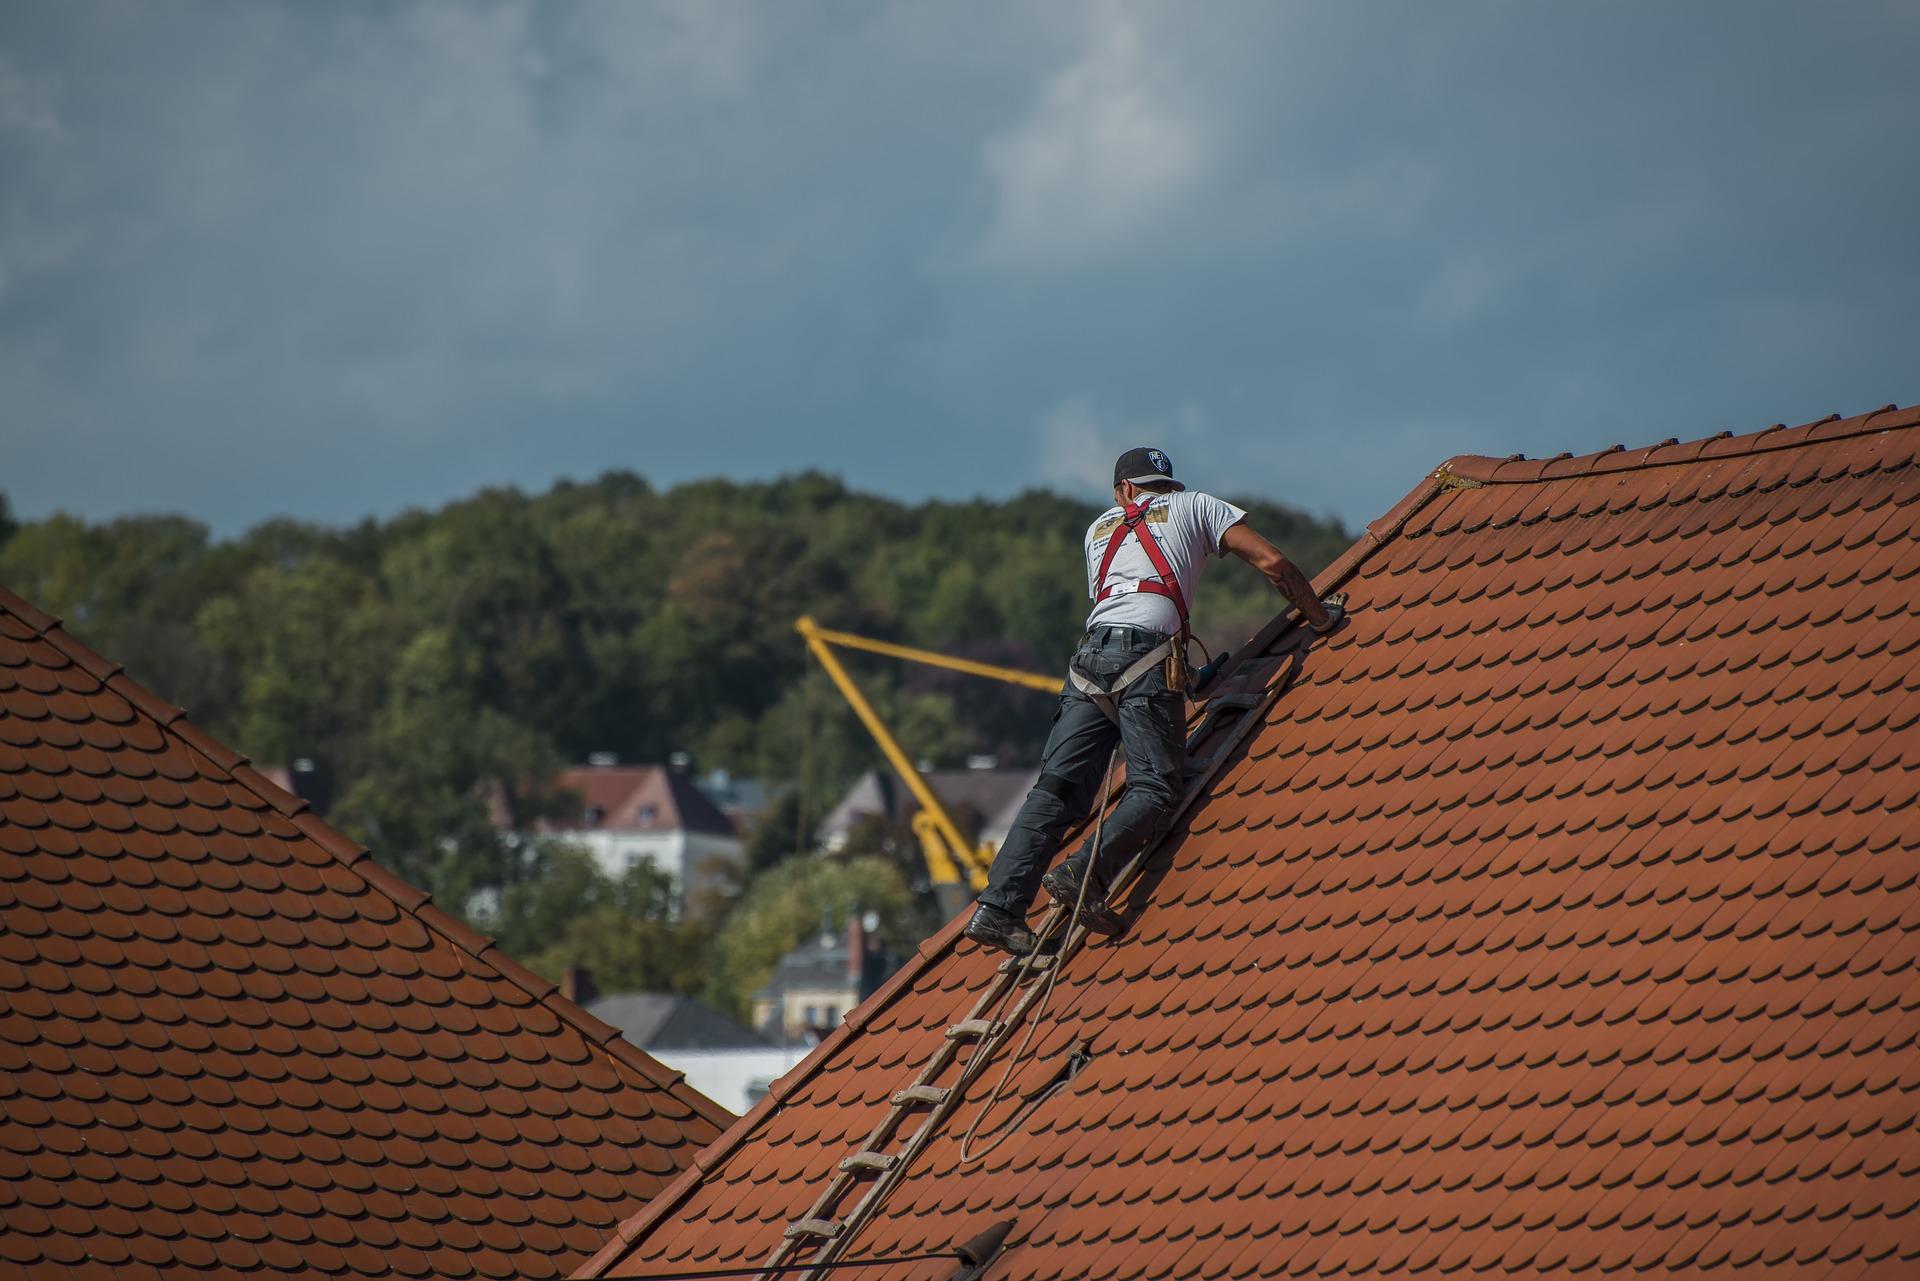 Dach – inwestycja, o którą warto zadbać. Malowanie dachu sposobem na poprawę jego jakości